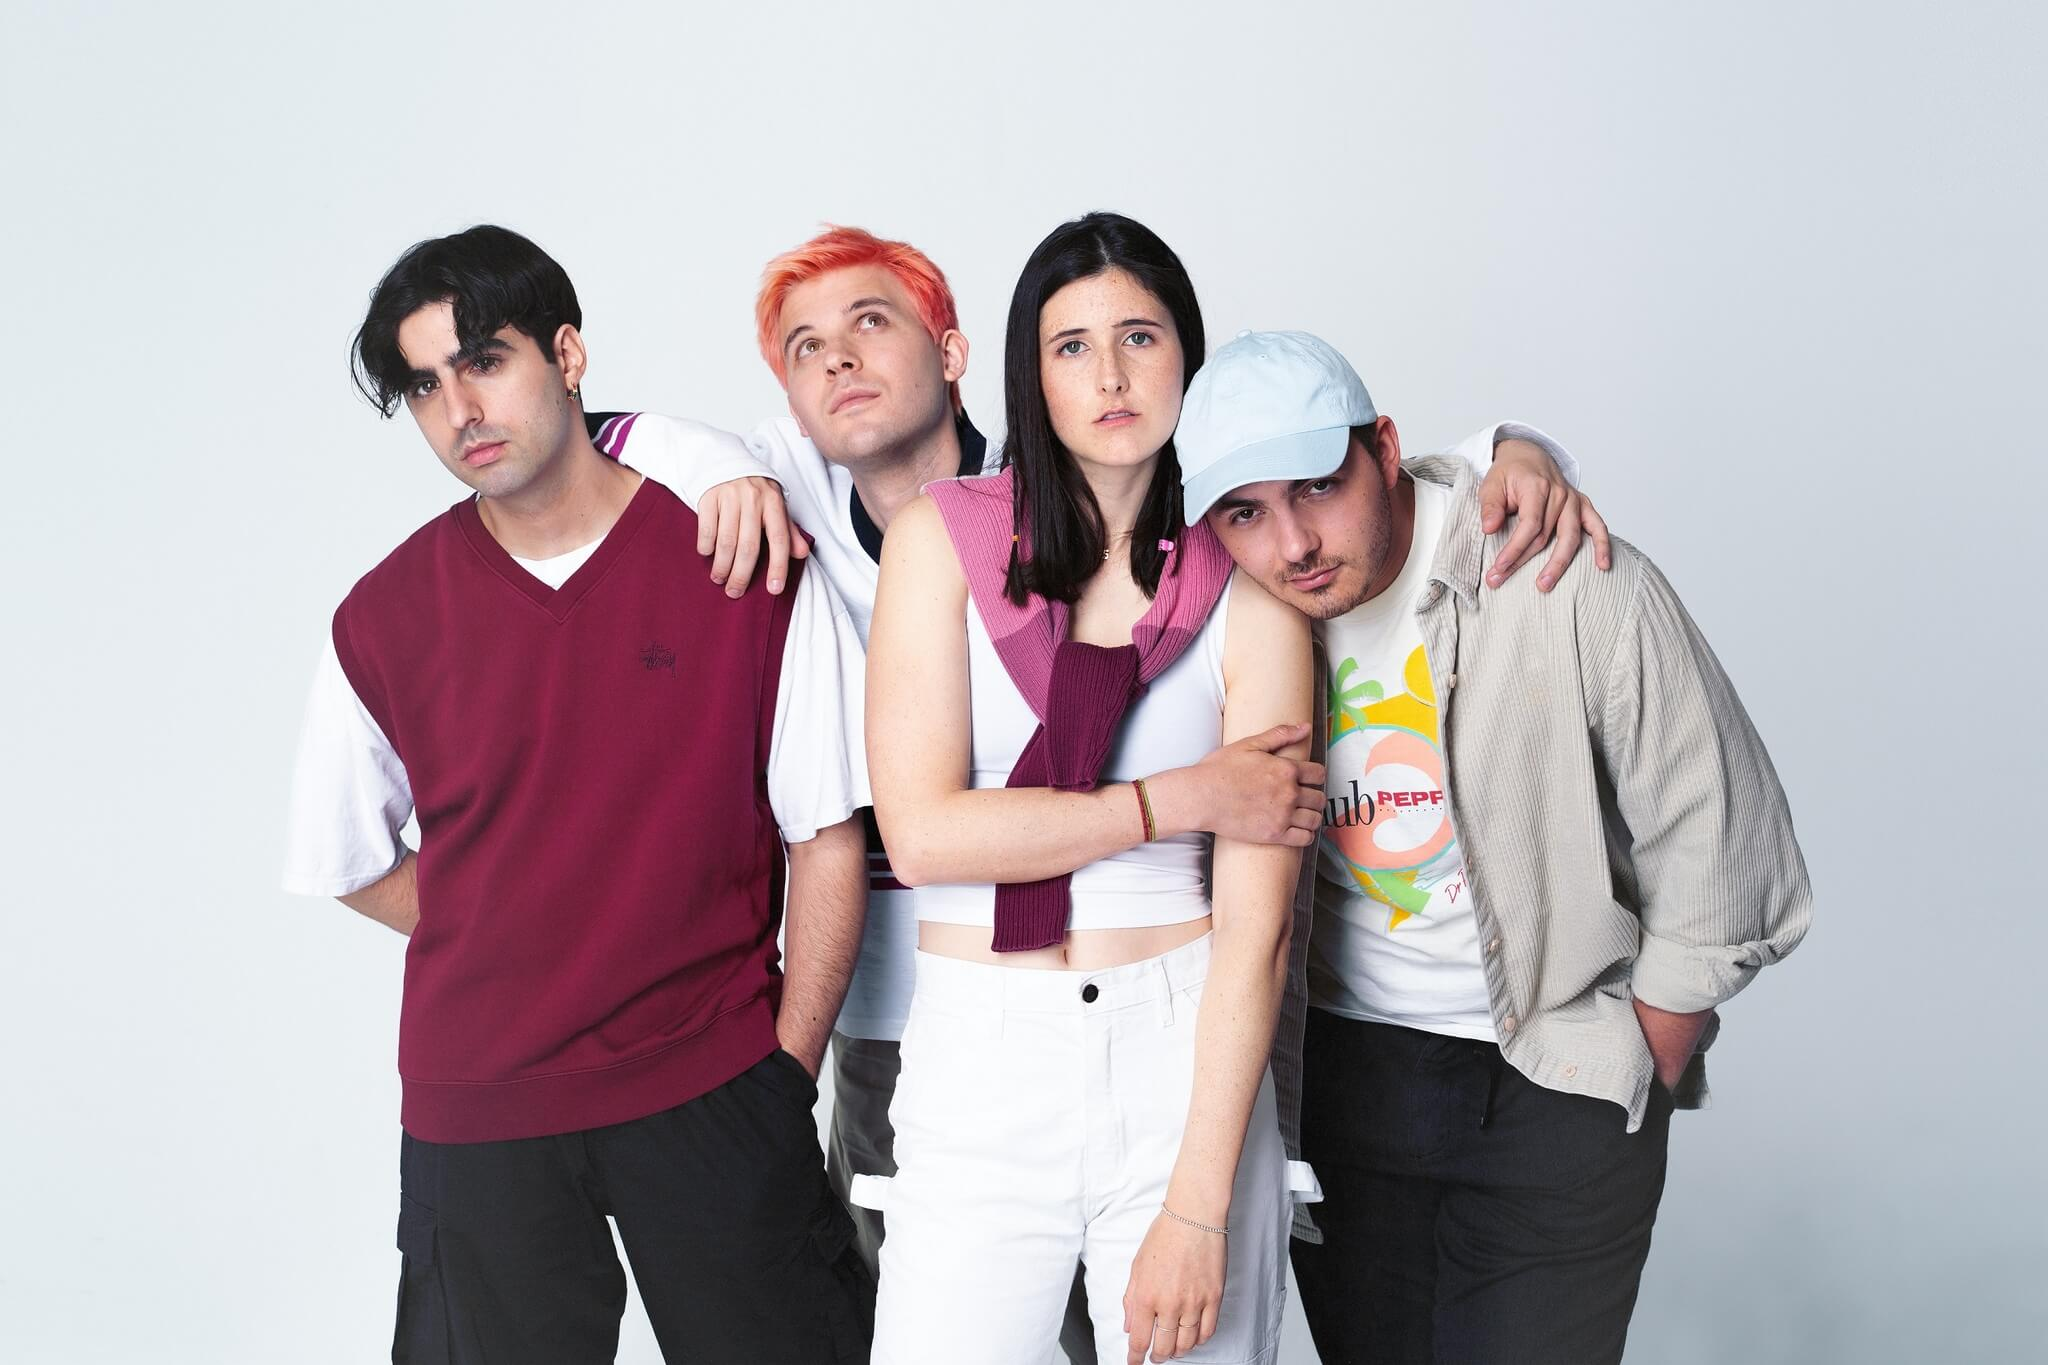 カナダ発オルタナ・ポップ・バンド、ValleyがEP『Last Birthday』発表、「Cure」のミュージック・ビデオも公開